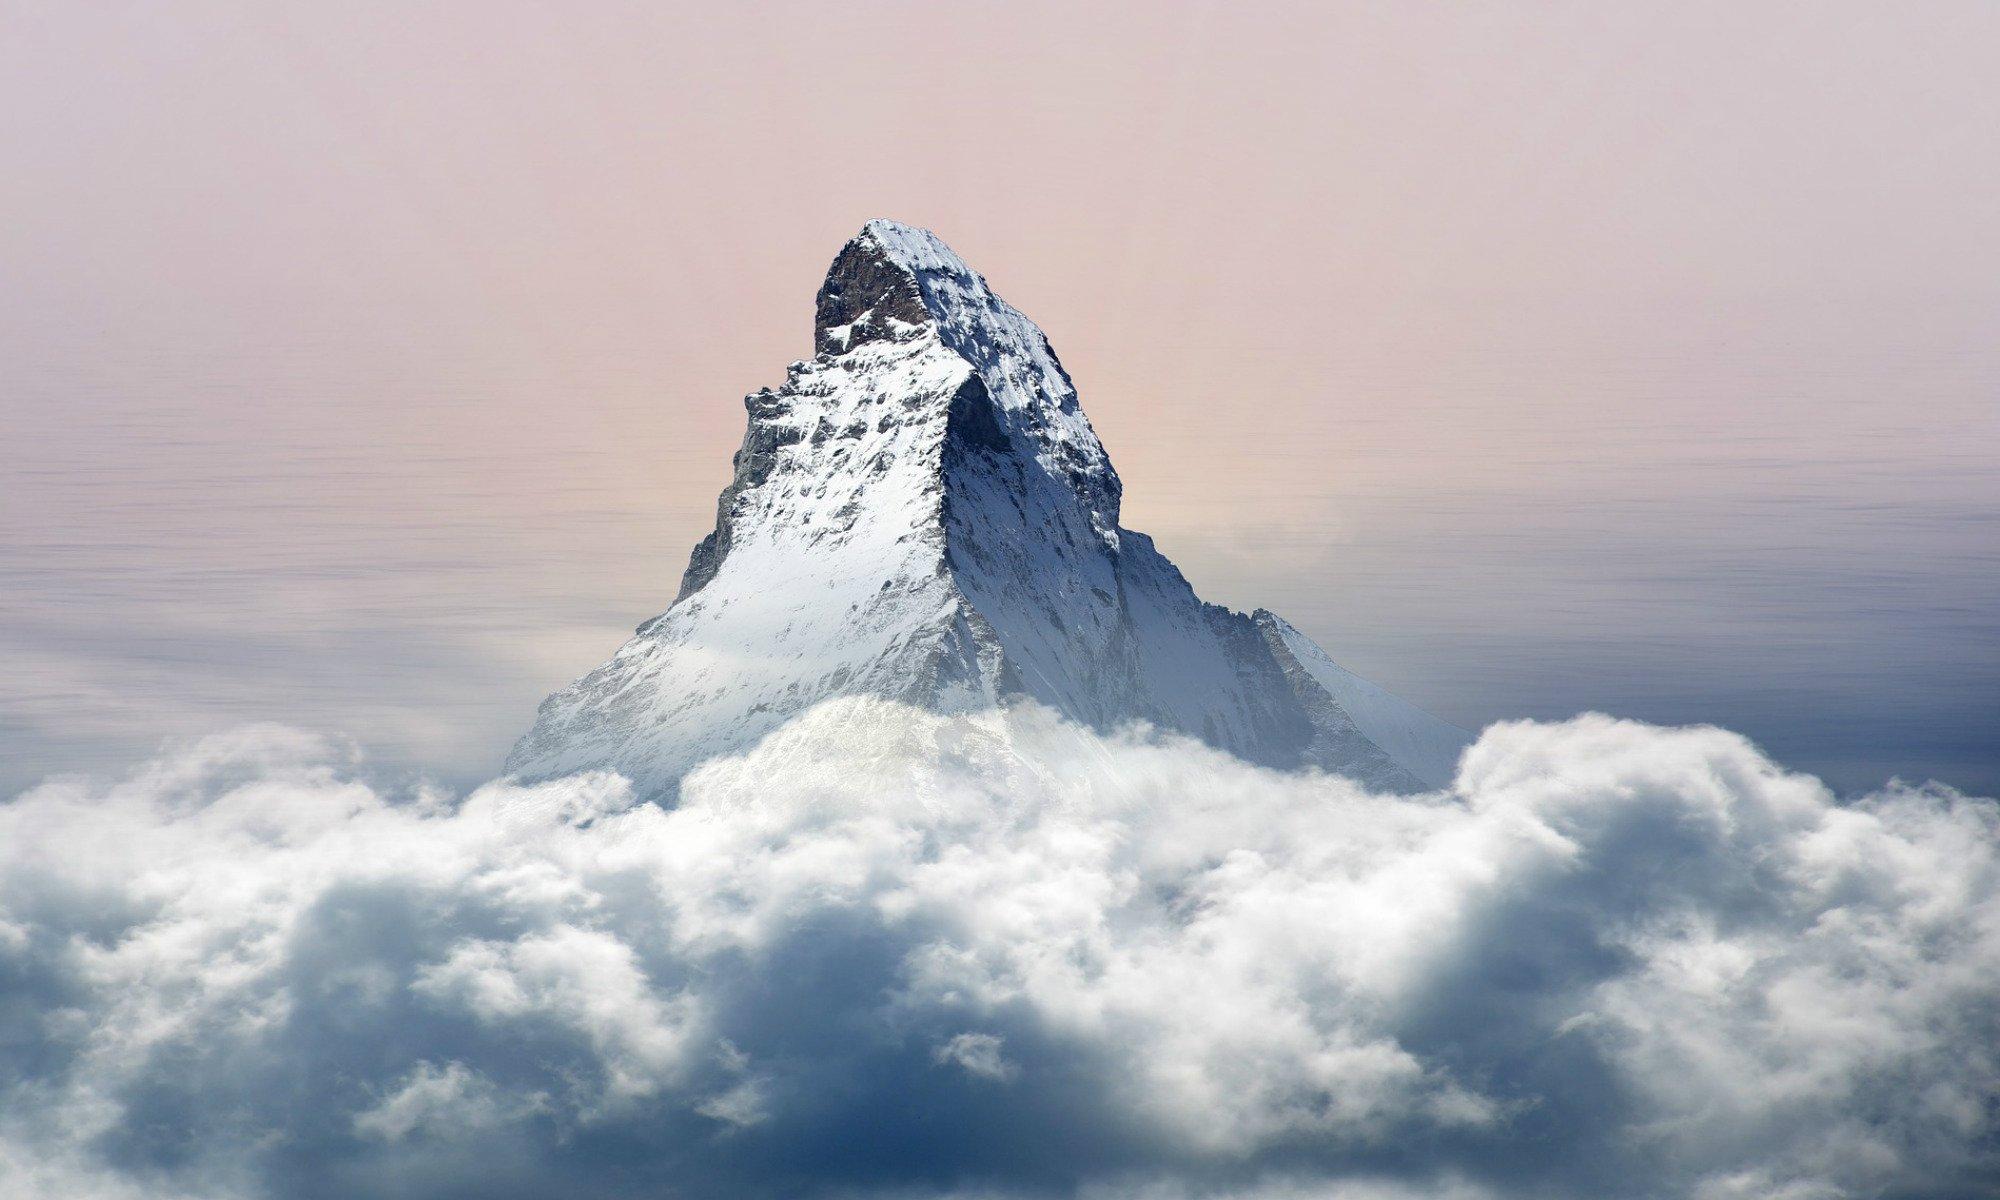 Une haute montagne se dresse dans le ciel au dessus des nuages.